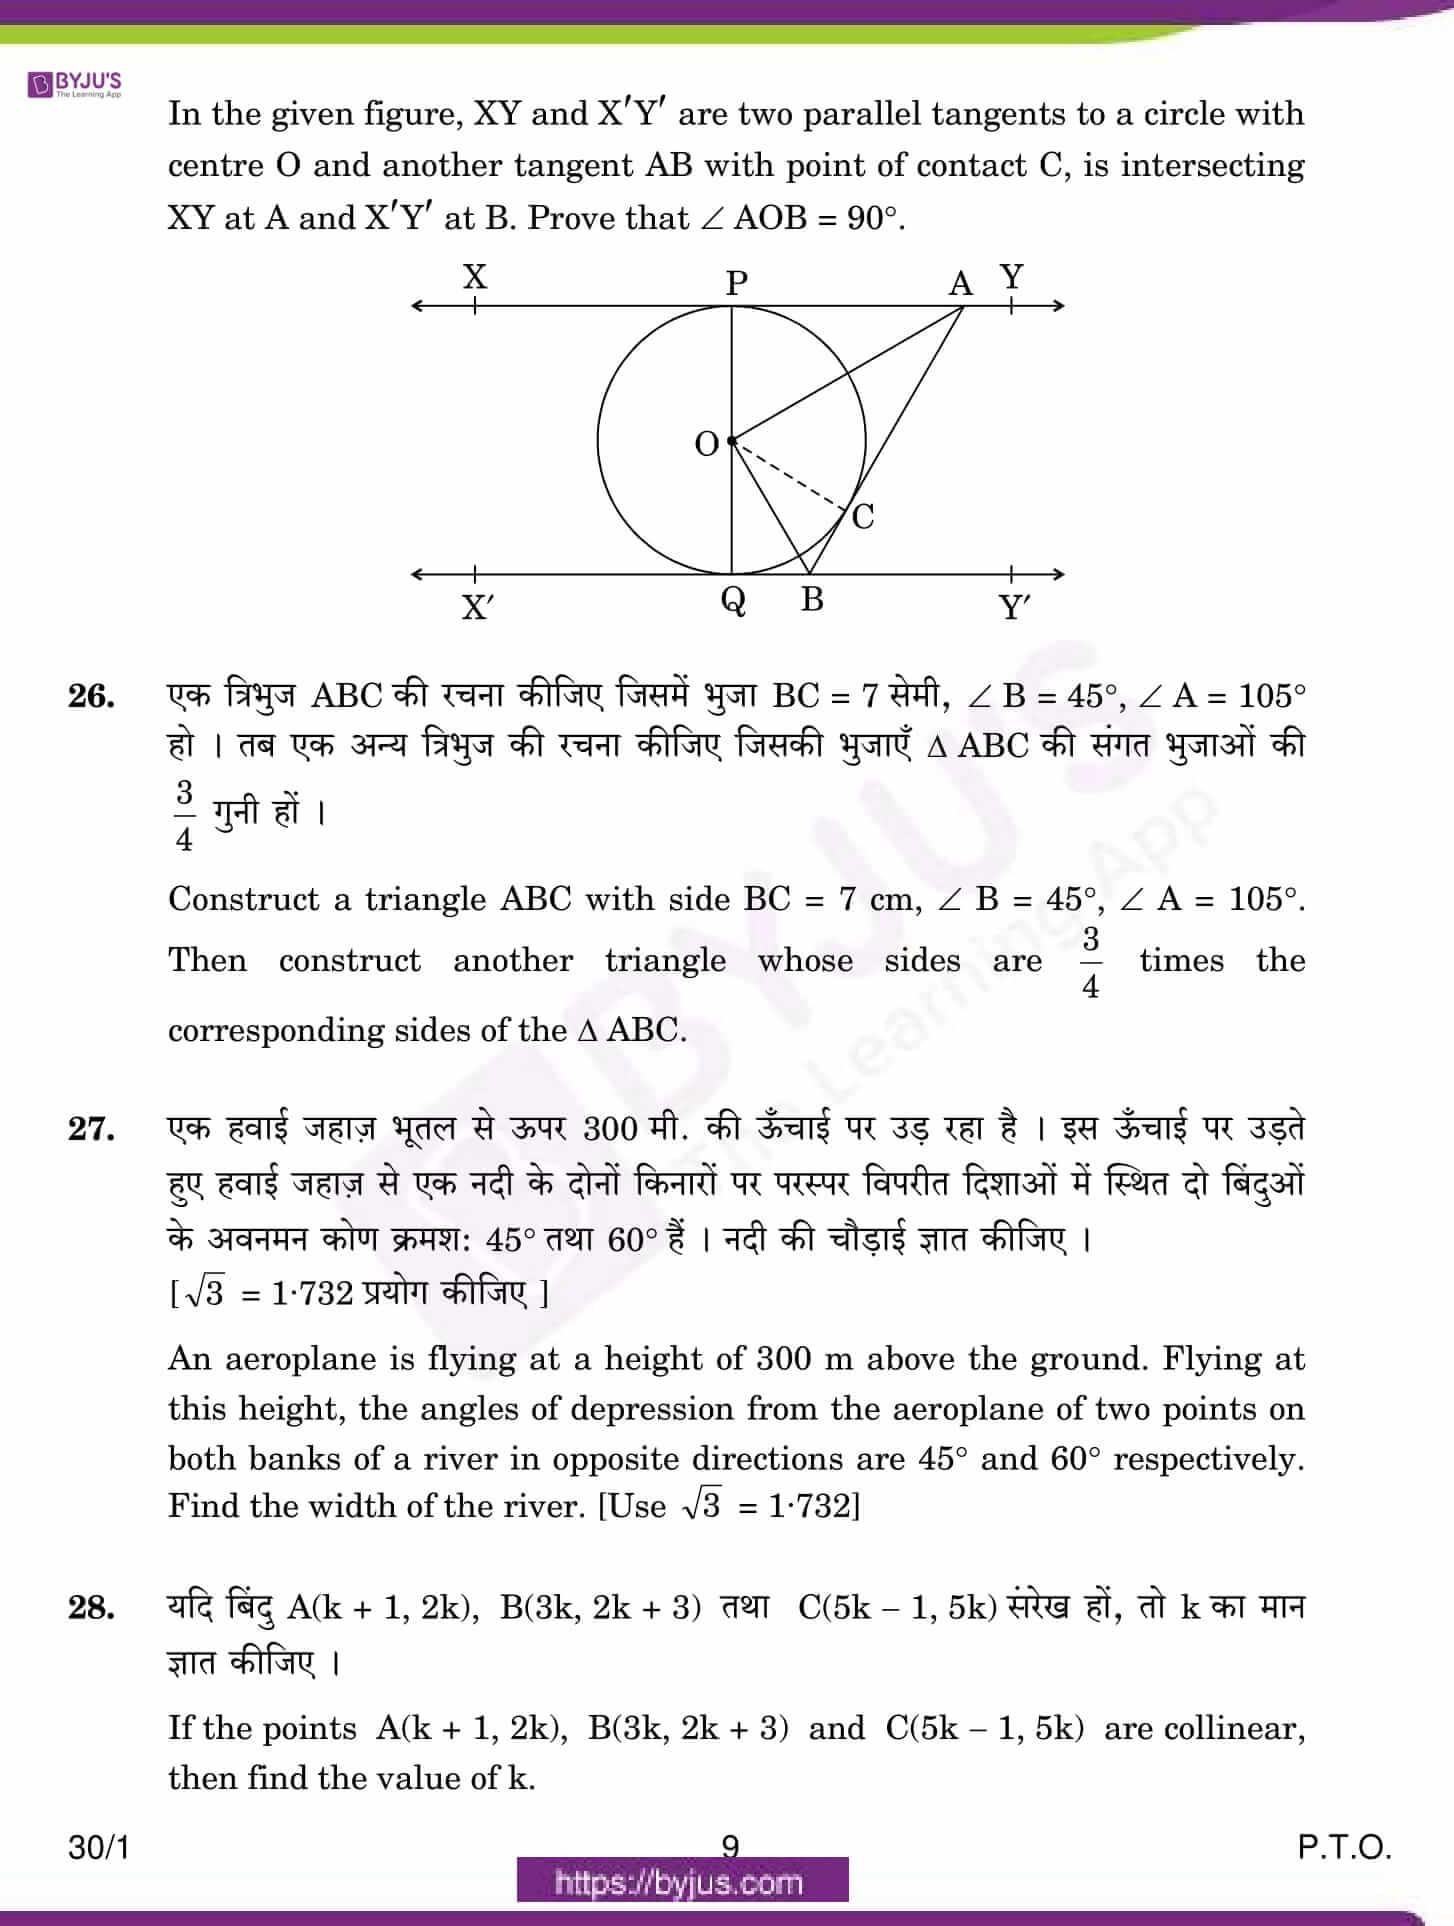 CBSE Class 10 Maths Qs Paper 2017 SA 2 Set 1 09